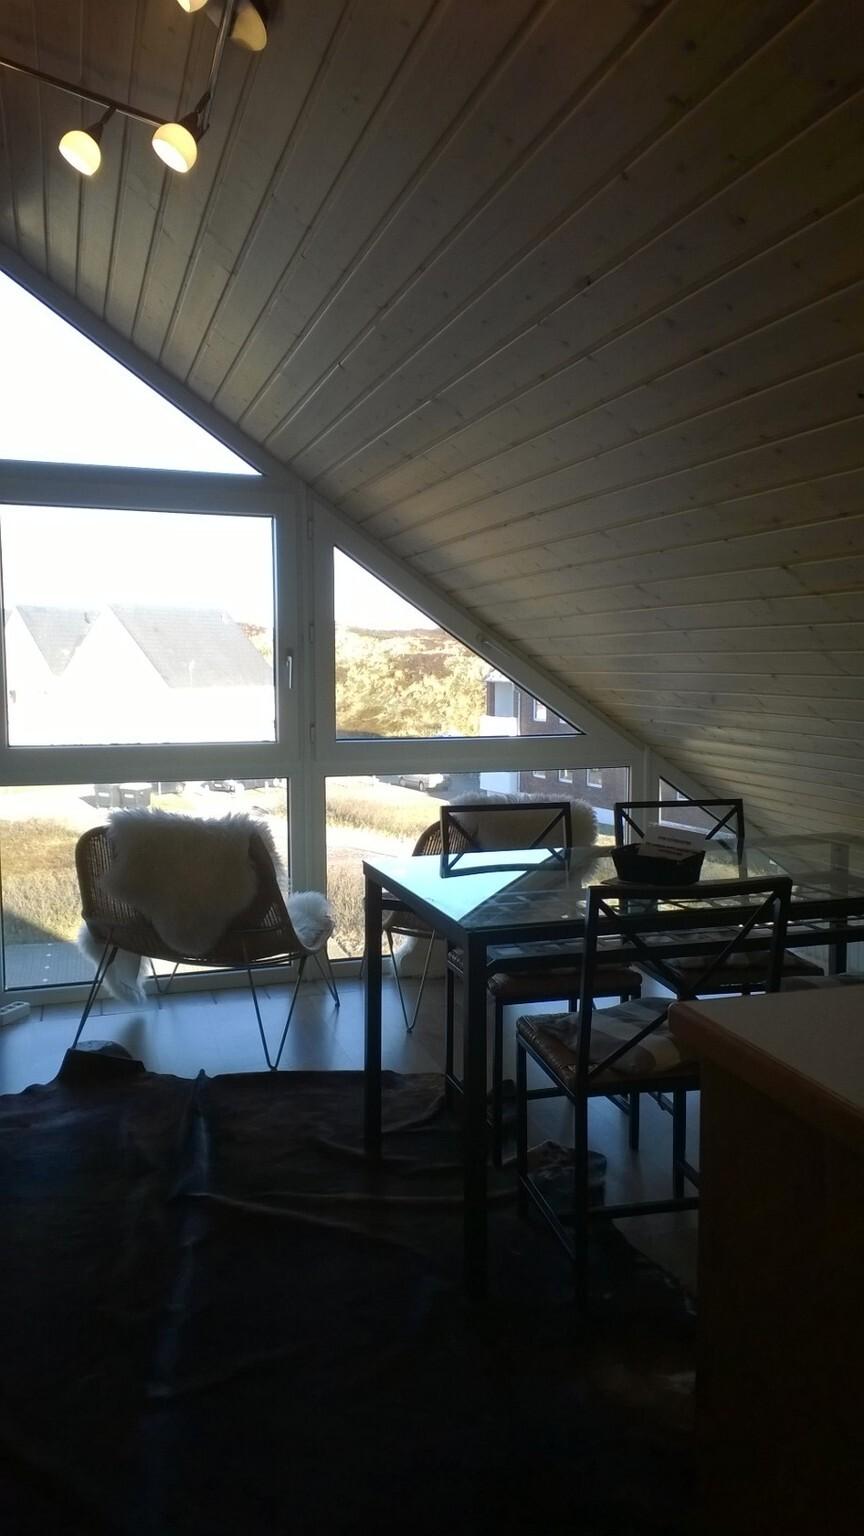 Ferienwohnung Brüsewitz, 3-Zimmerwohnung Appm. 89